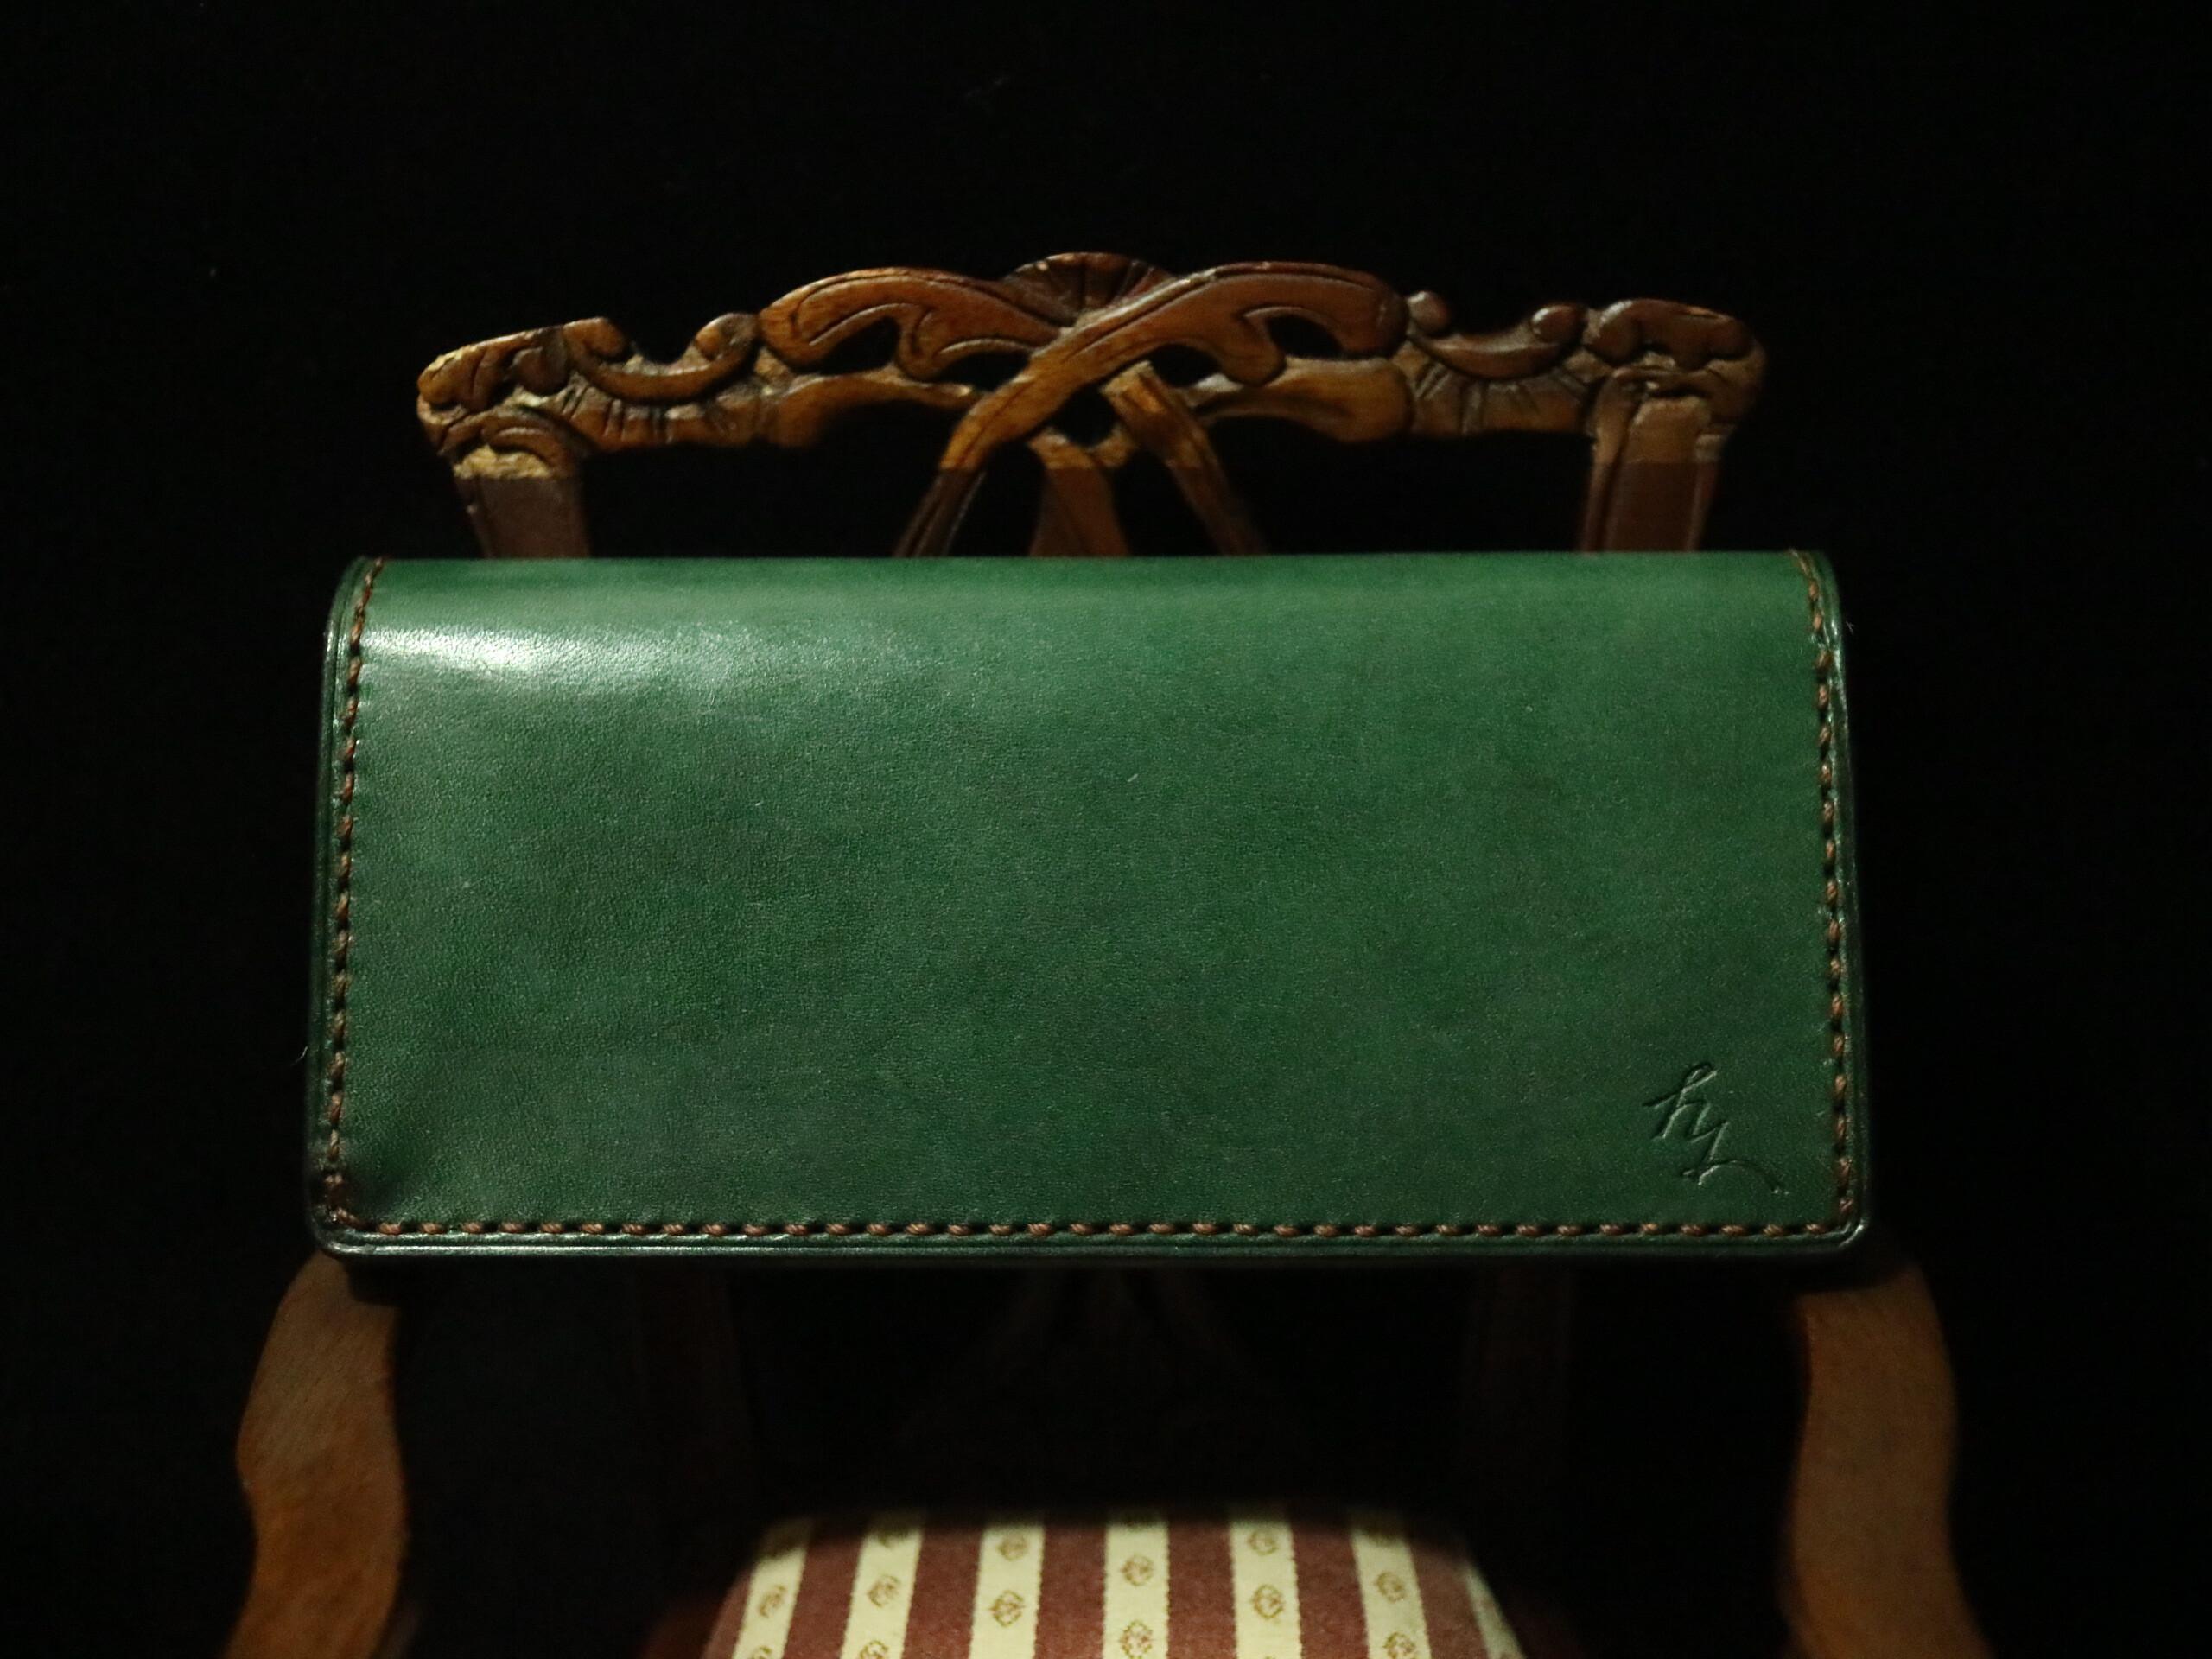 ロロマレザーの長財布 モスグリーンとブラウン